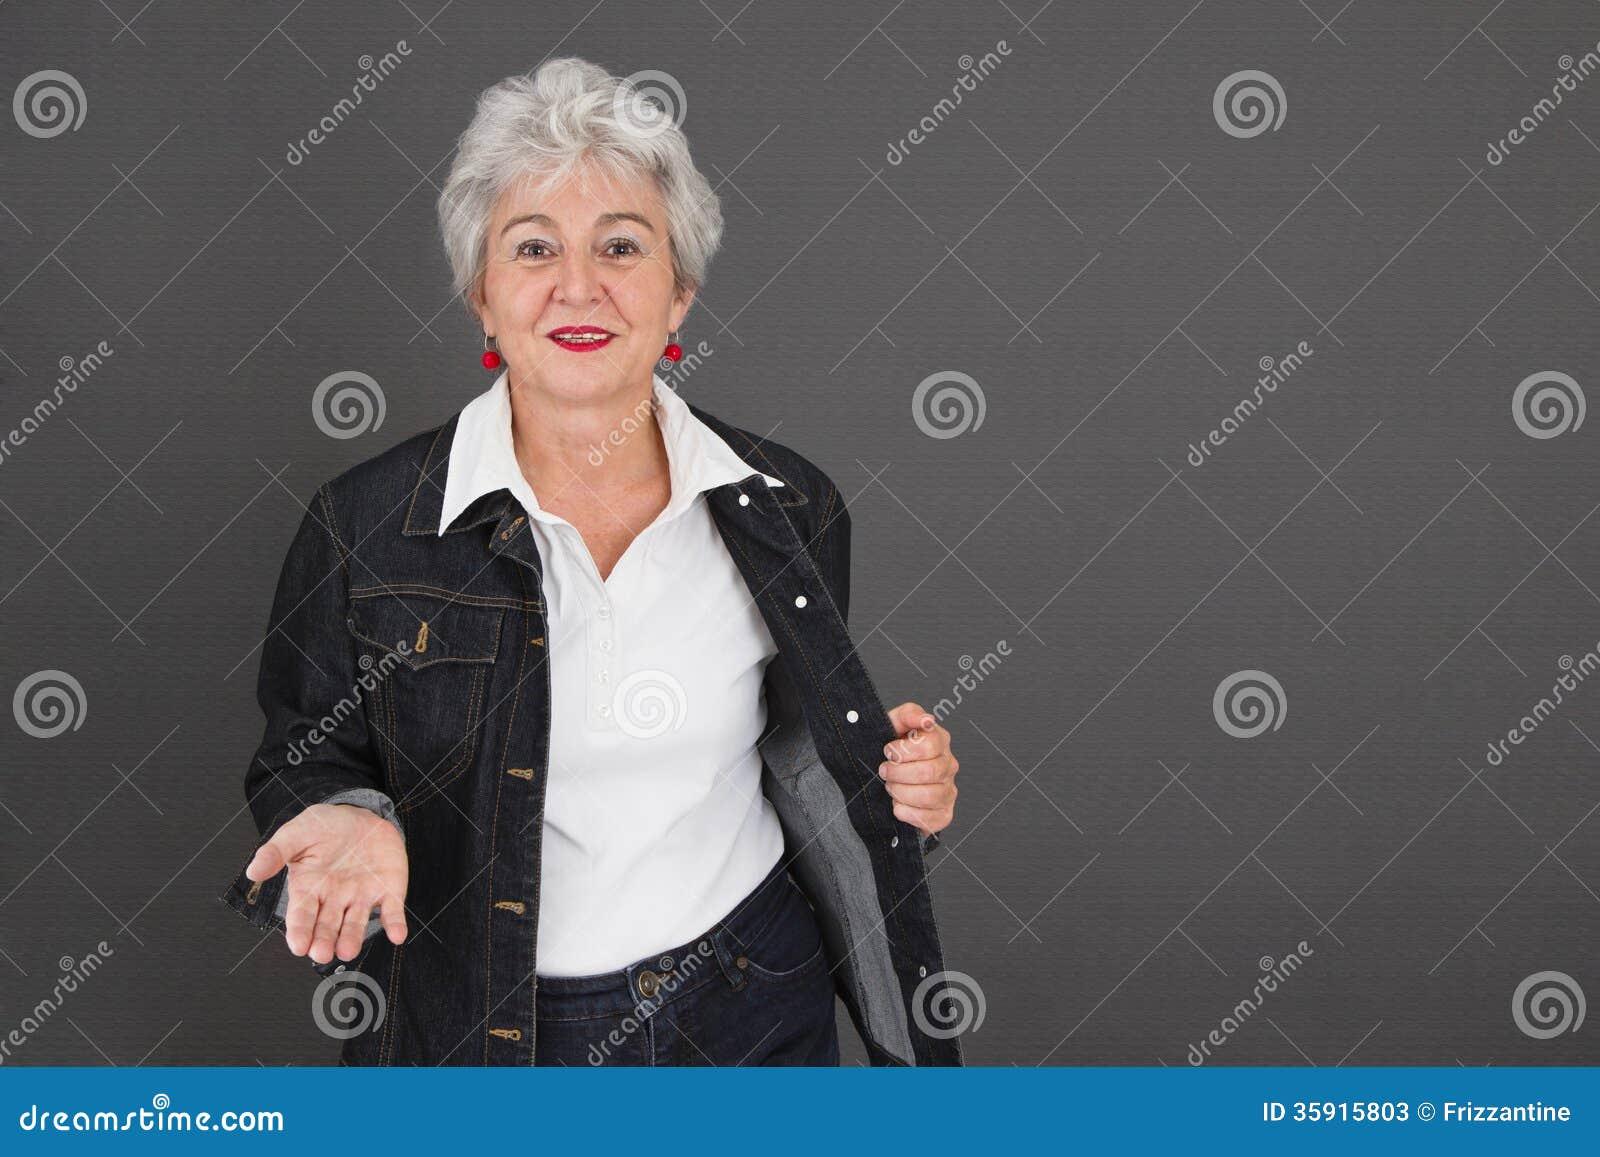 Glückliche ältere Dame mit Gespür